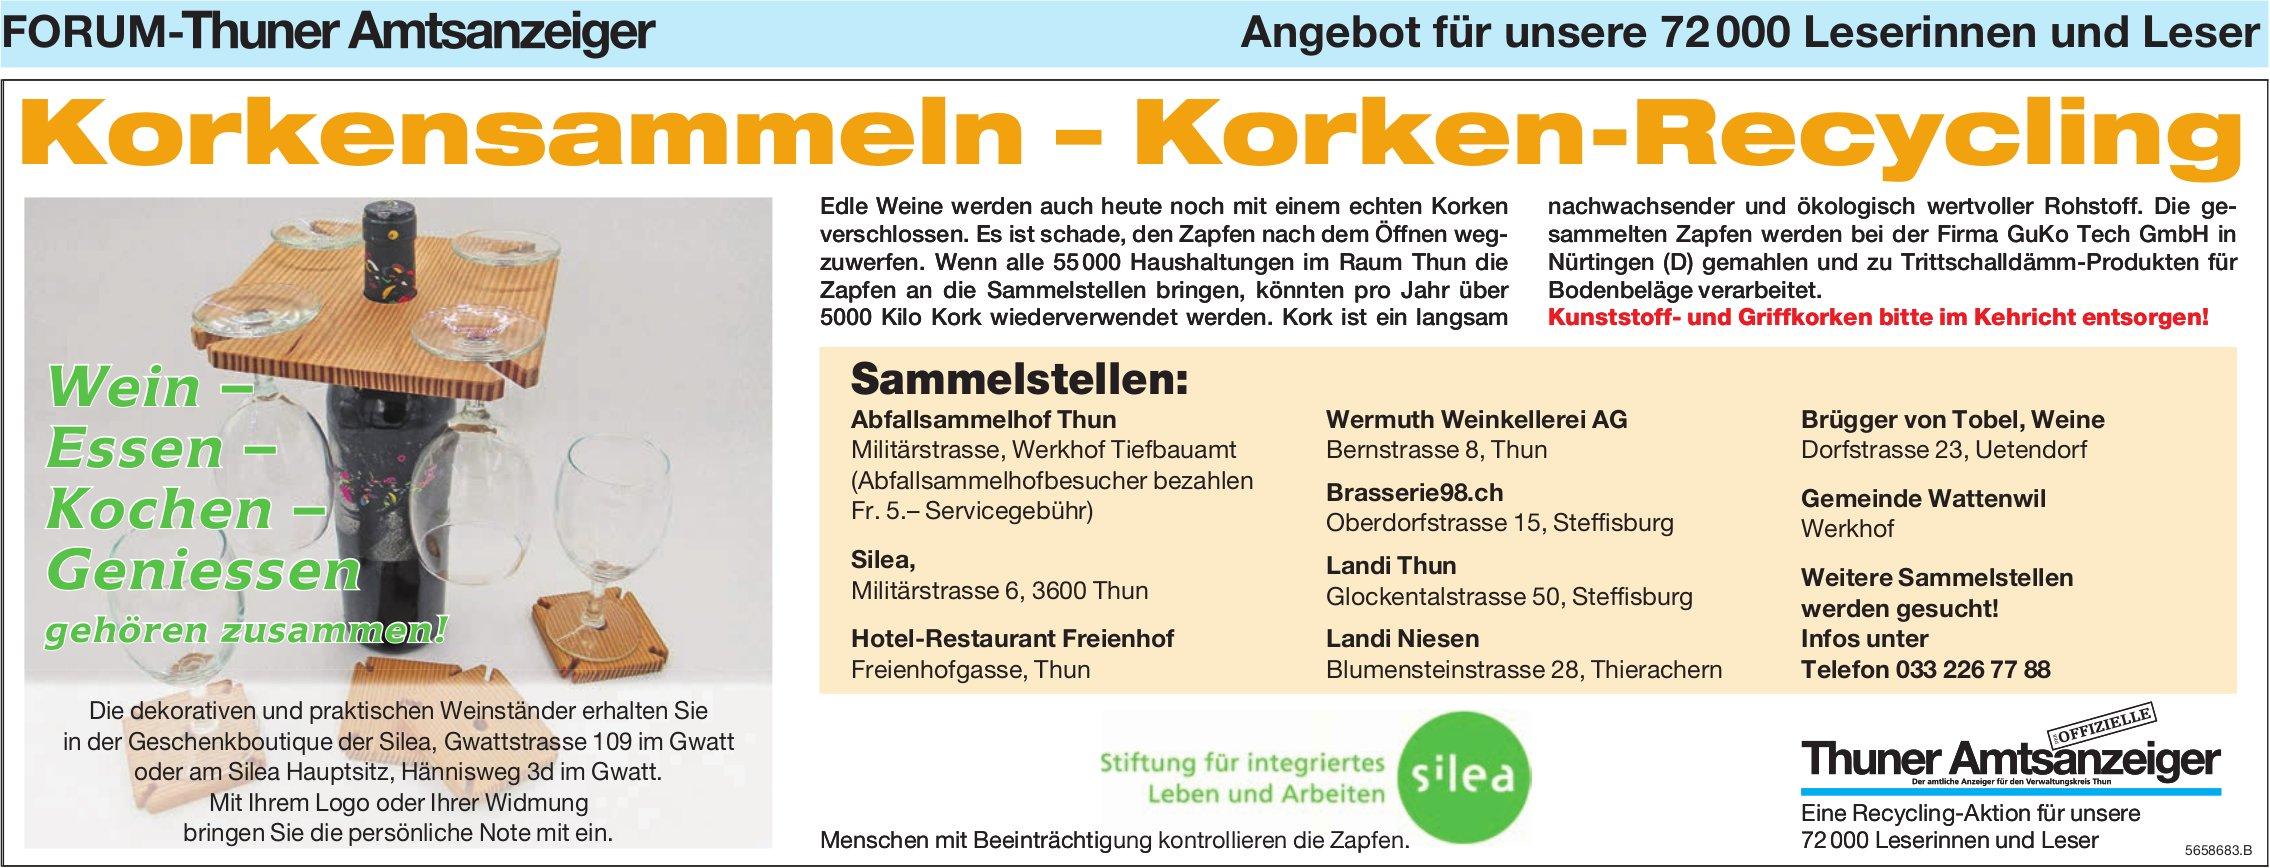 Forum-Thuner Amtsanzeiger/ Silea - Korkensammeln – Korken-Recycling